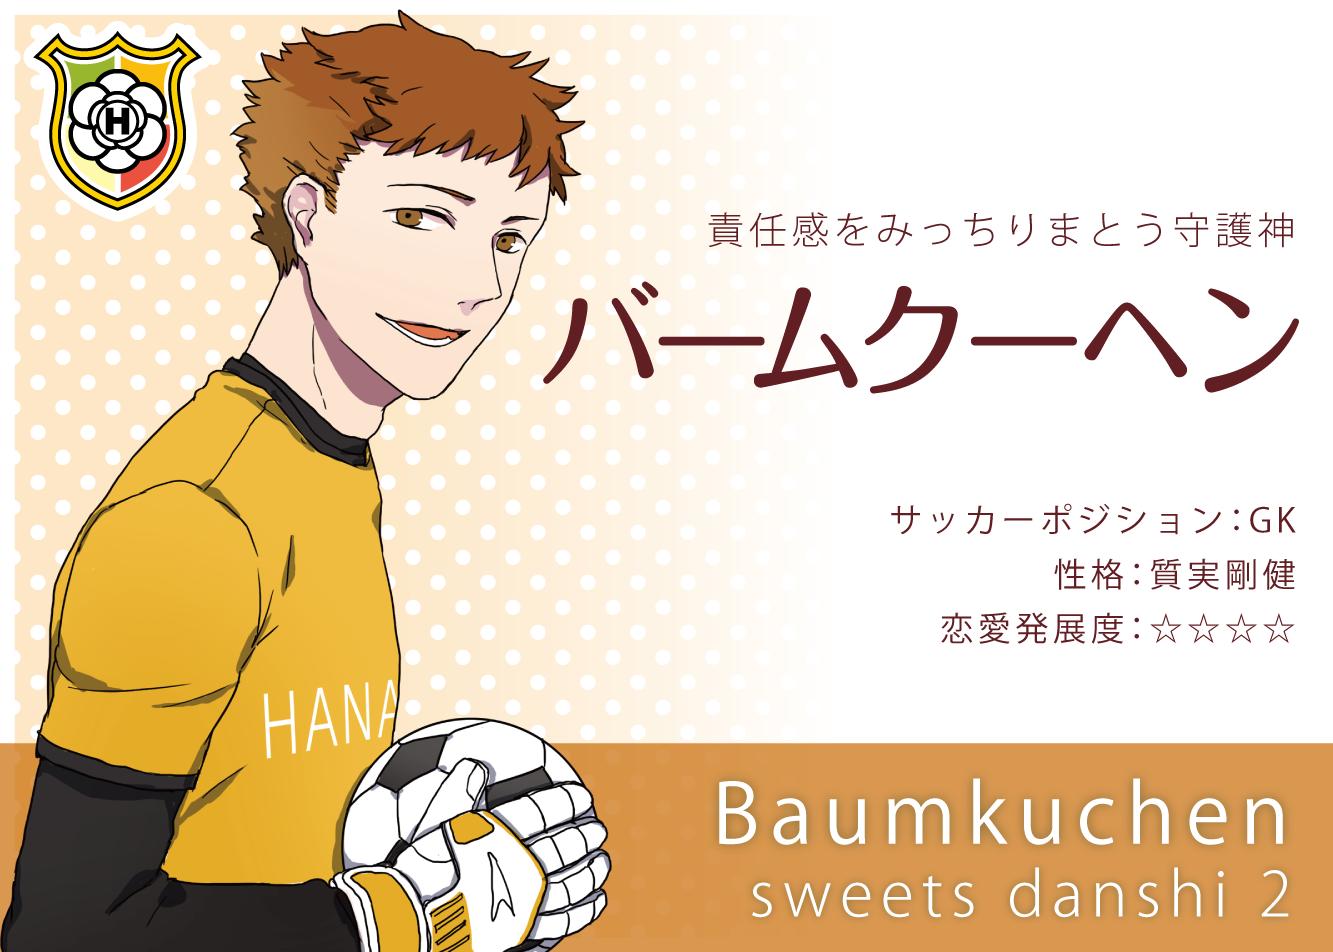 baumkuchen-01